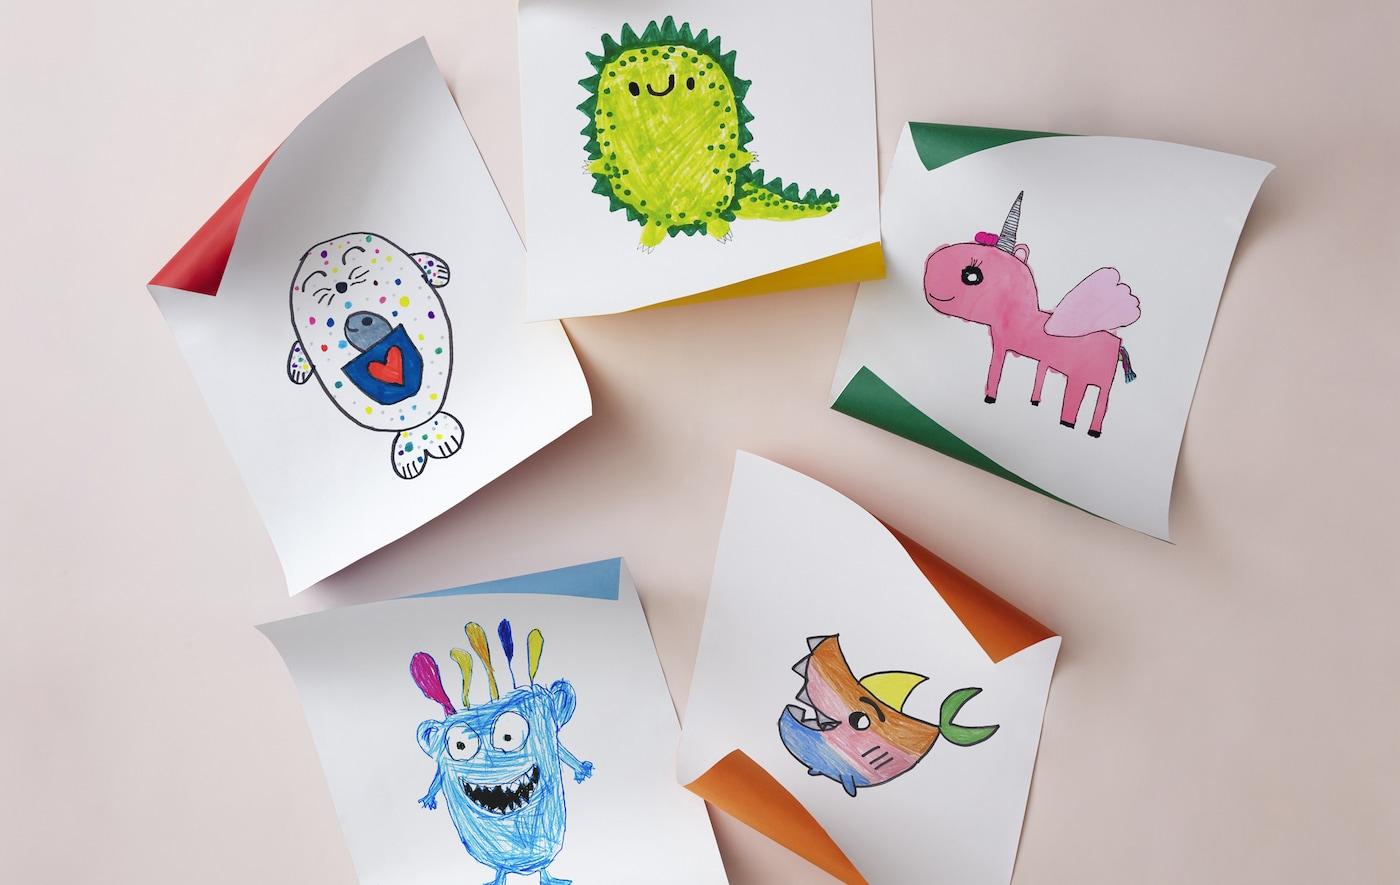 Cinq dessins d'enfants colorés représentant des créatures imaginaires.